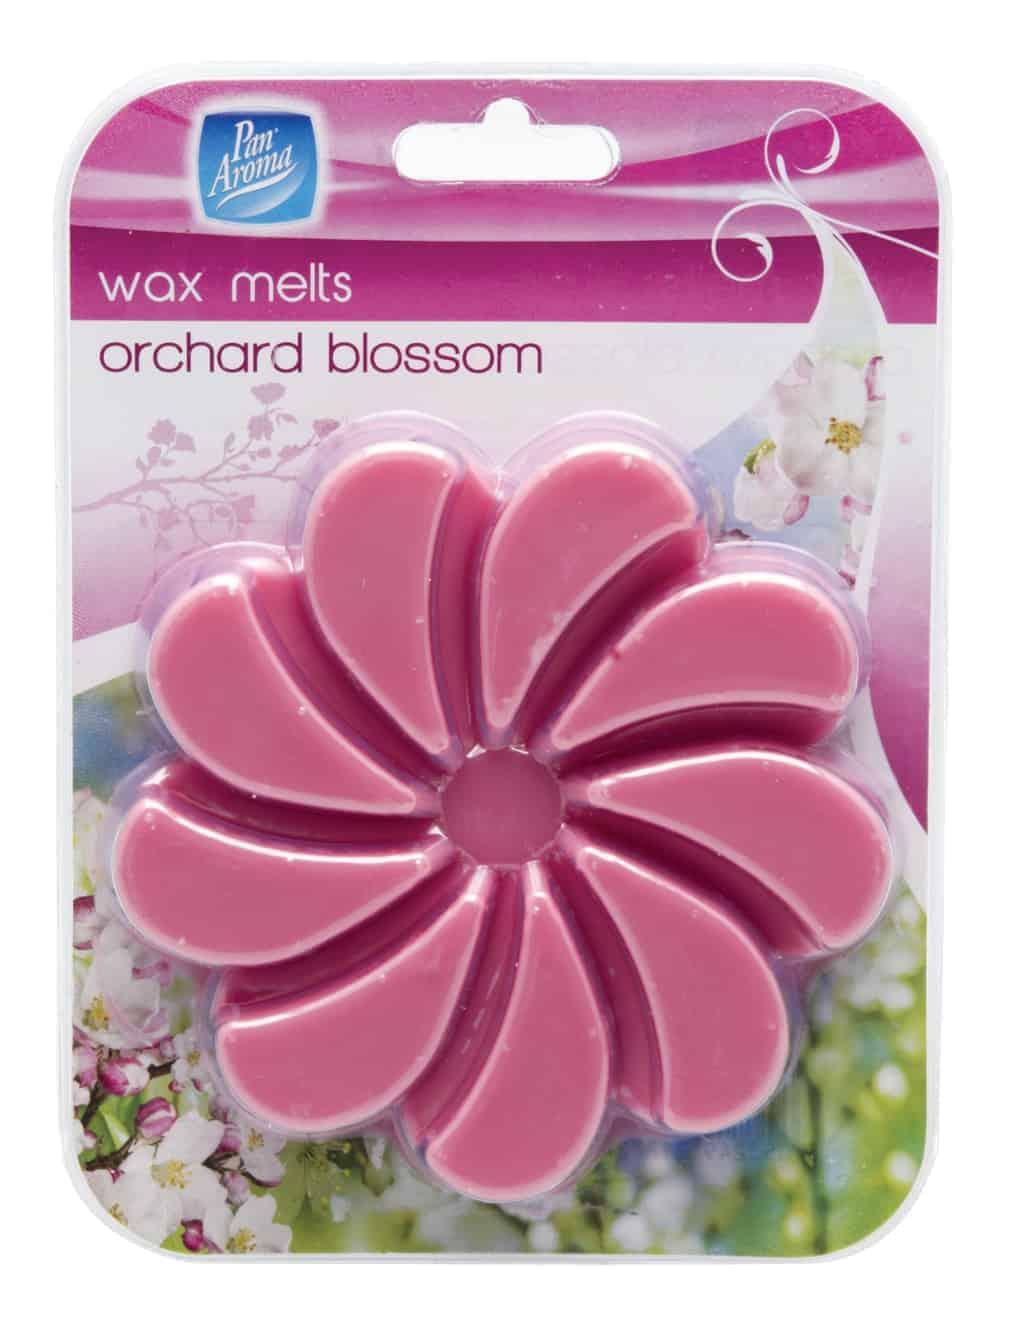 Pan Aroma Petal Wax Melts - Orchard Blossom